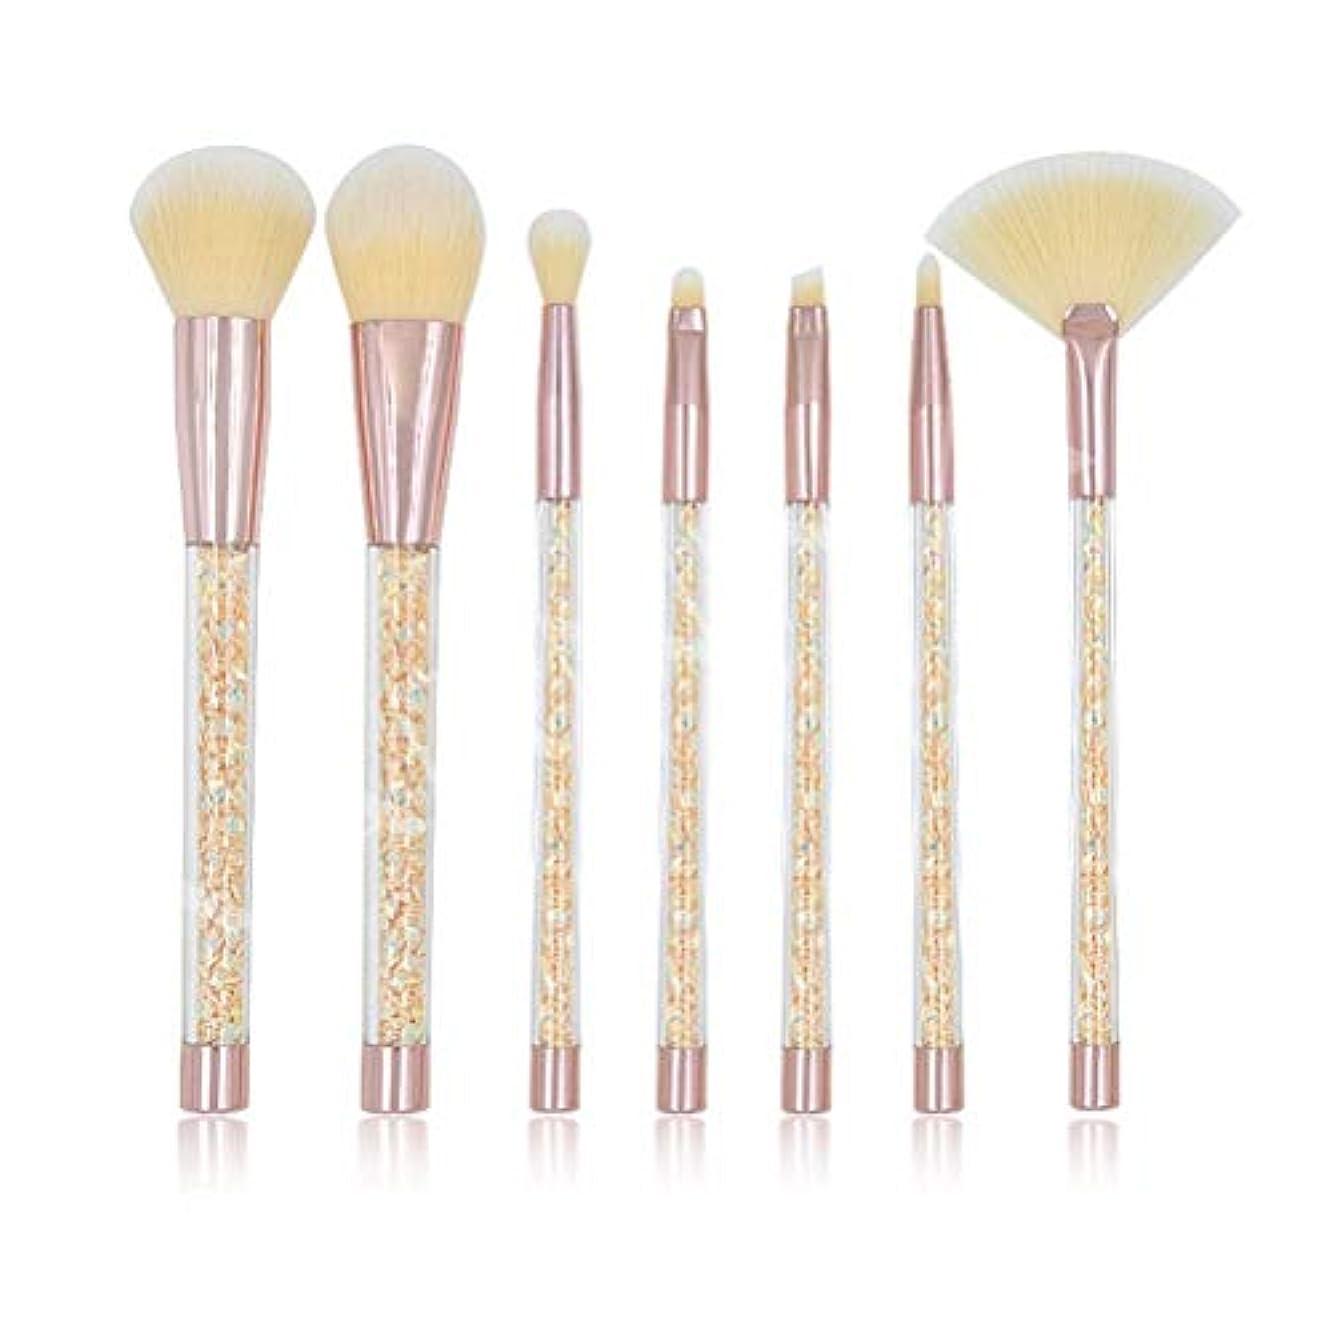 LSHJP 化粧ブラシ 7個セット 化粧道具 レディース ビューティー きれいめ 簡単 カジュアル 便利 お出かけ 高品質 (Color : OrangeYellow, Size : ワンサイズ)